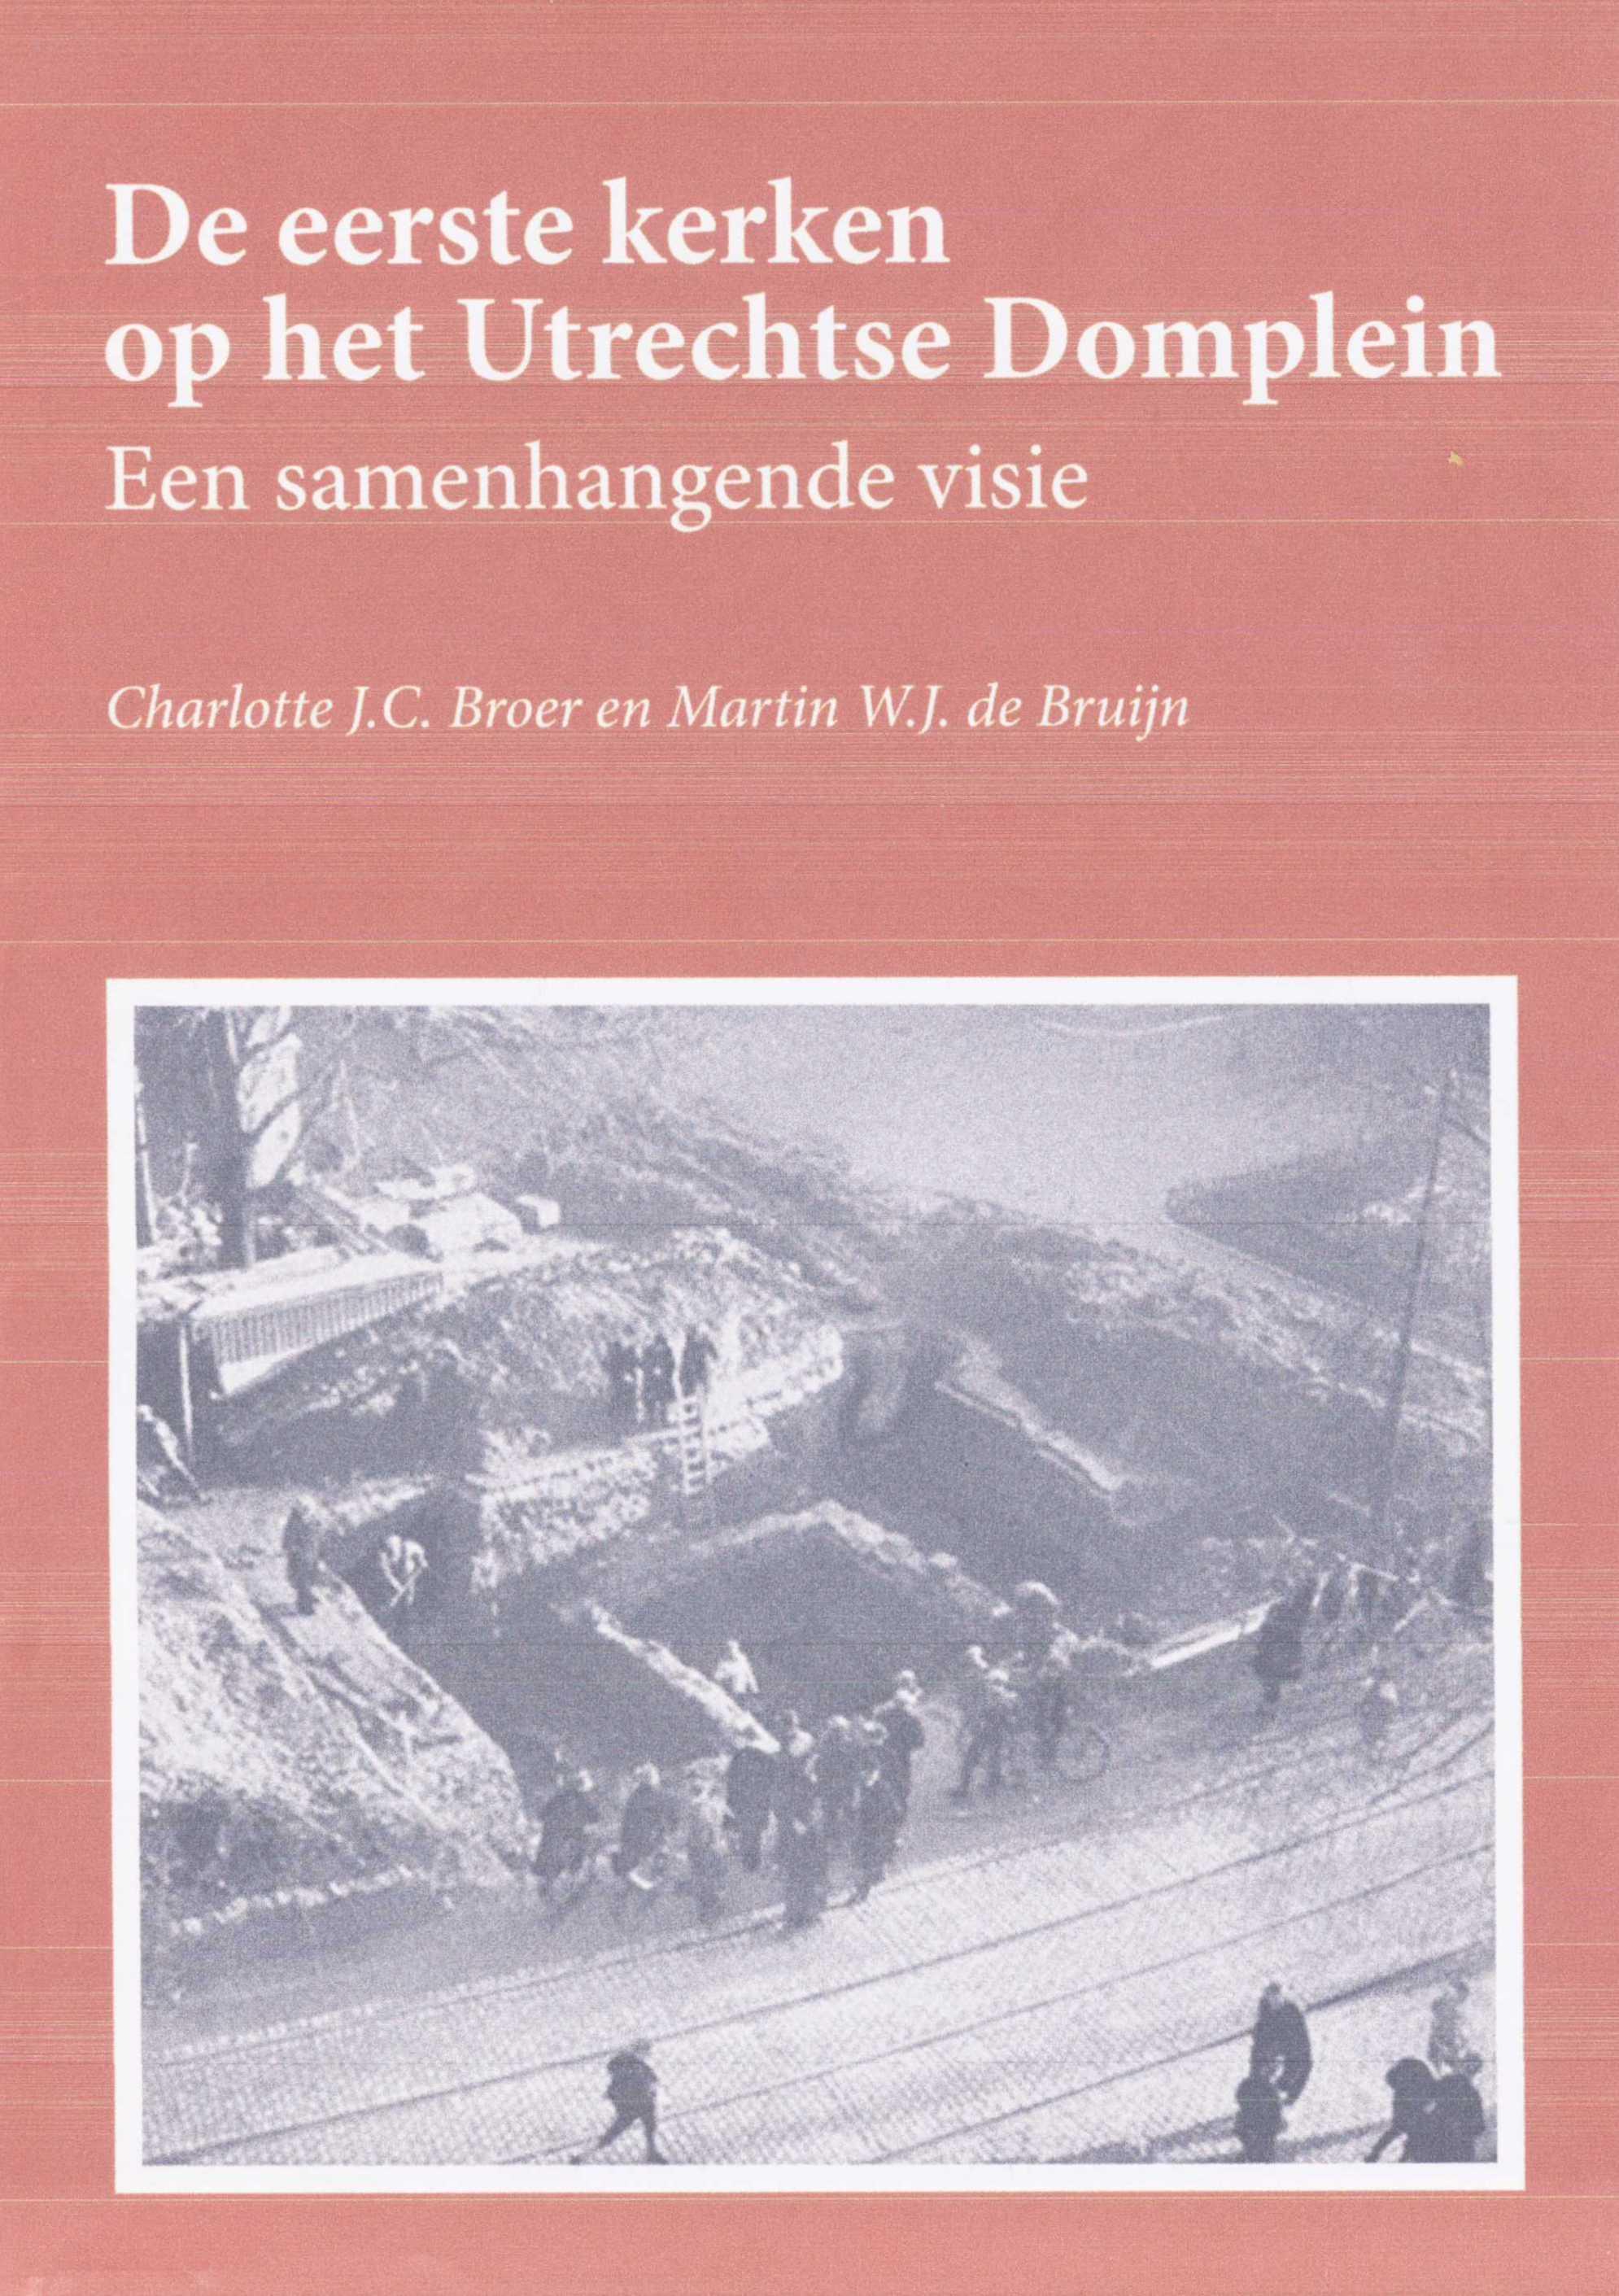 Omslag Eerste kerken Domplein.